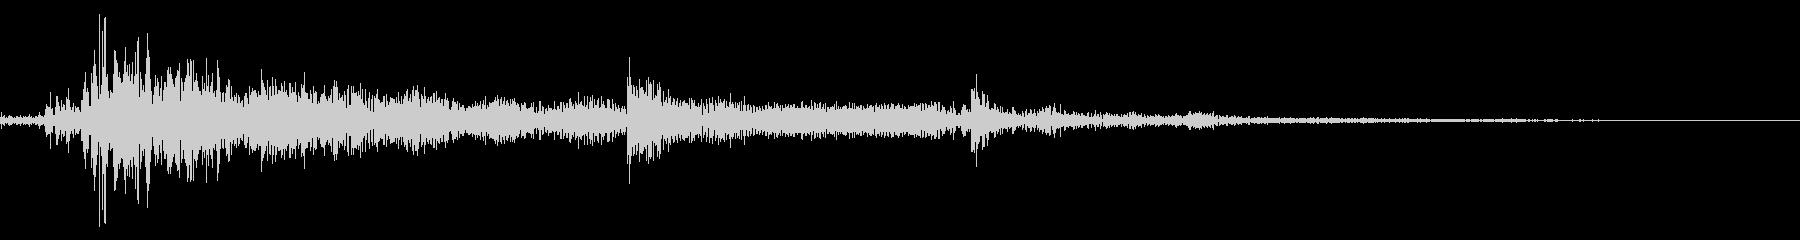 カギが落ちた音mの未再生の波形